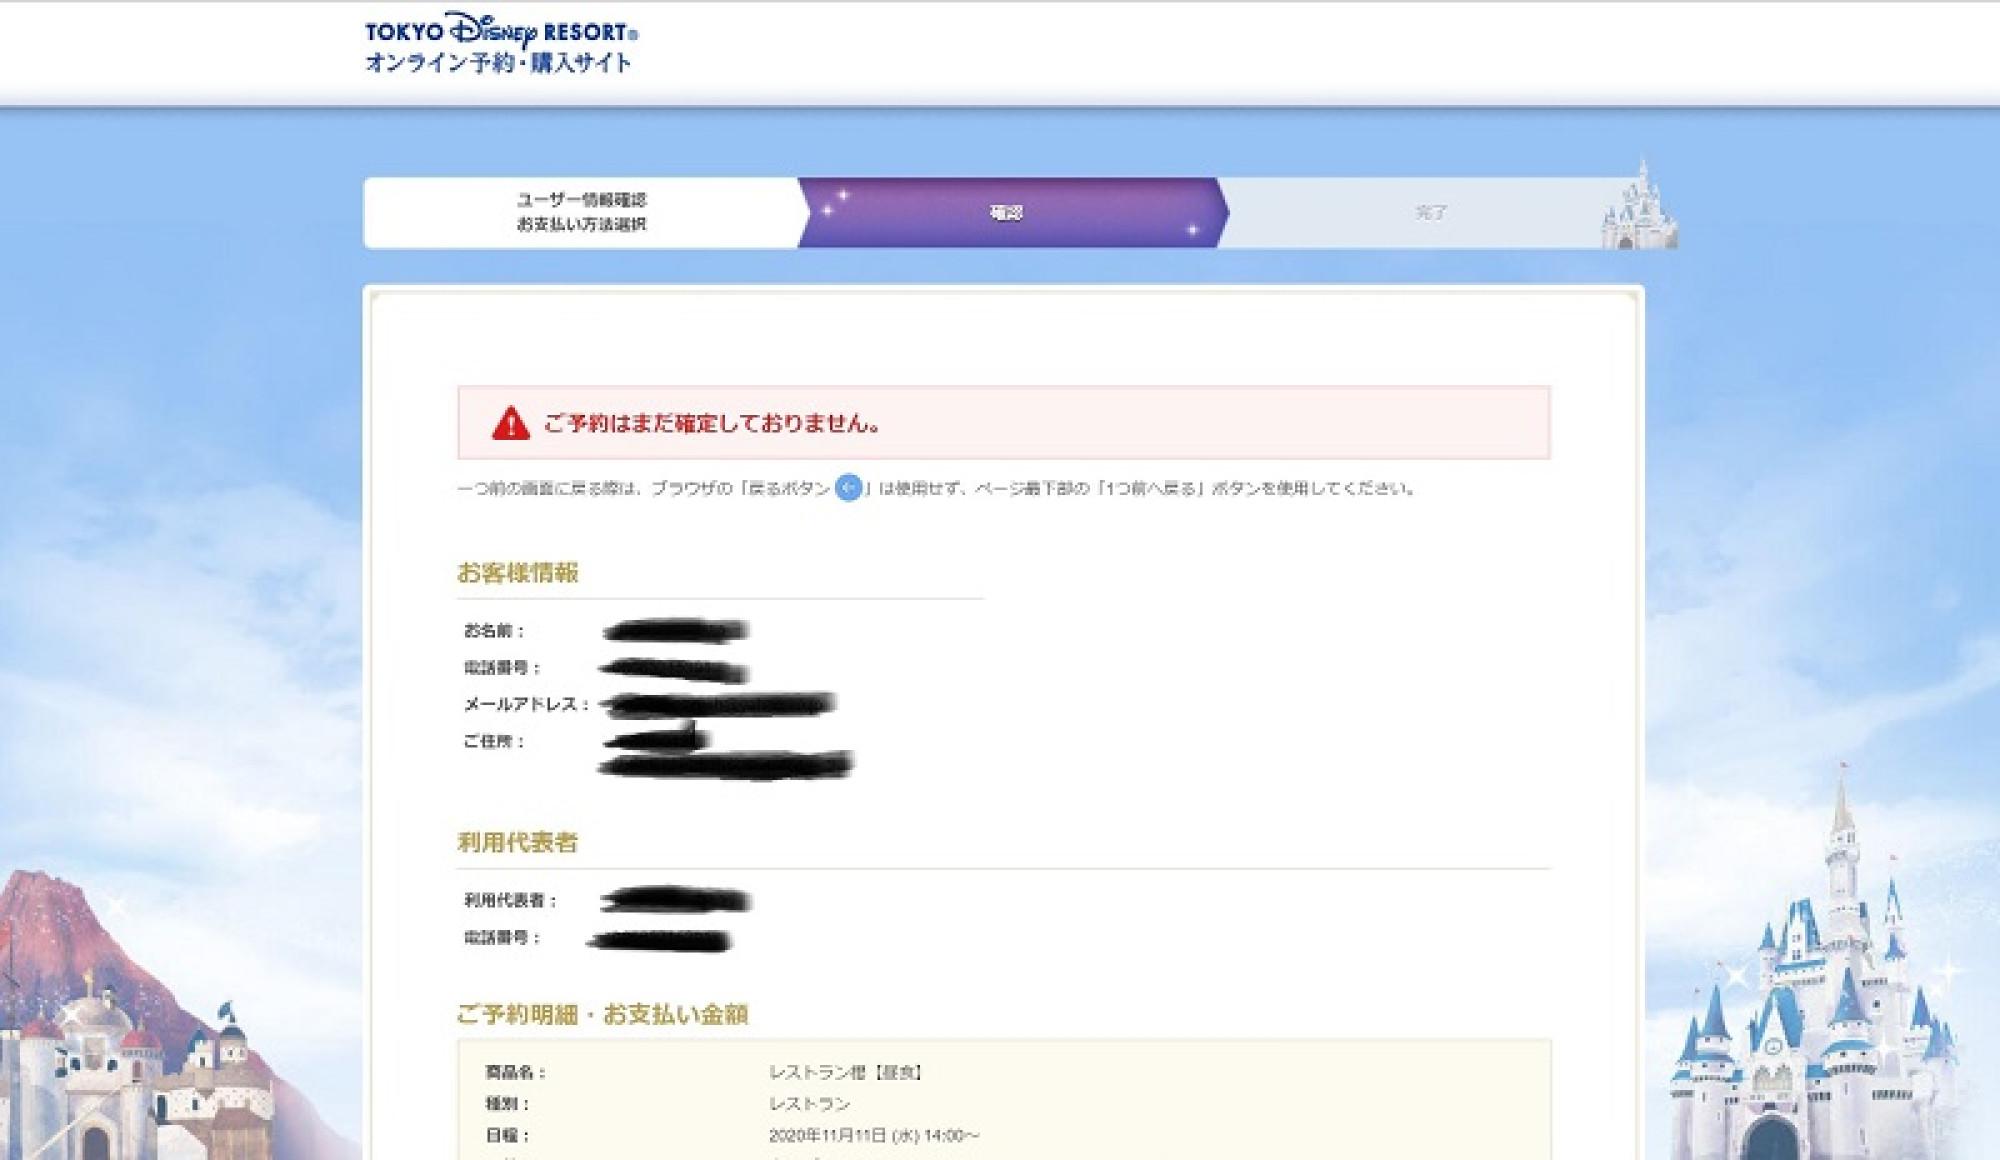 ディズニーレストランの予約手順③-3(公式サイト)